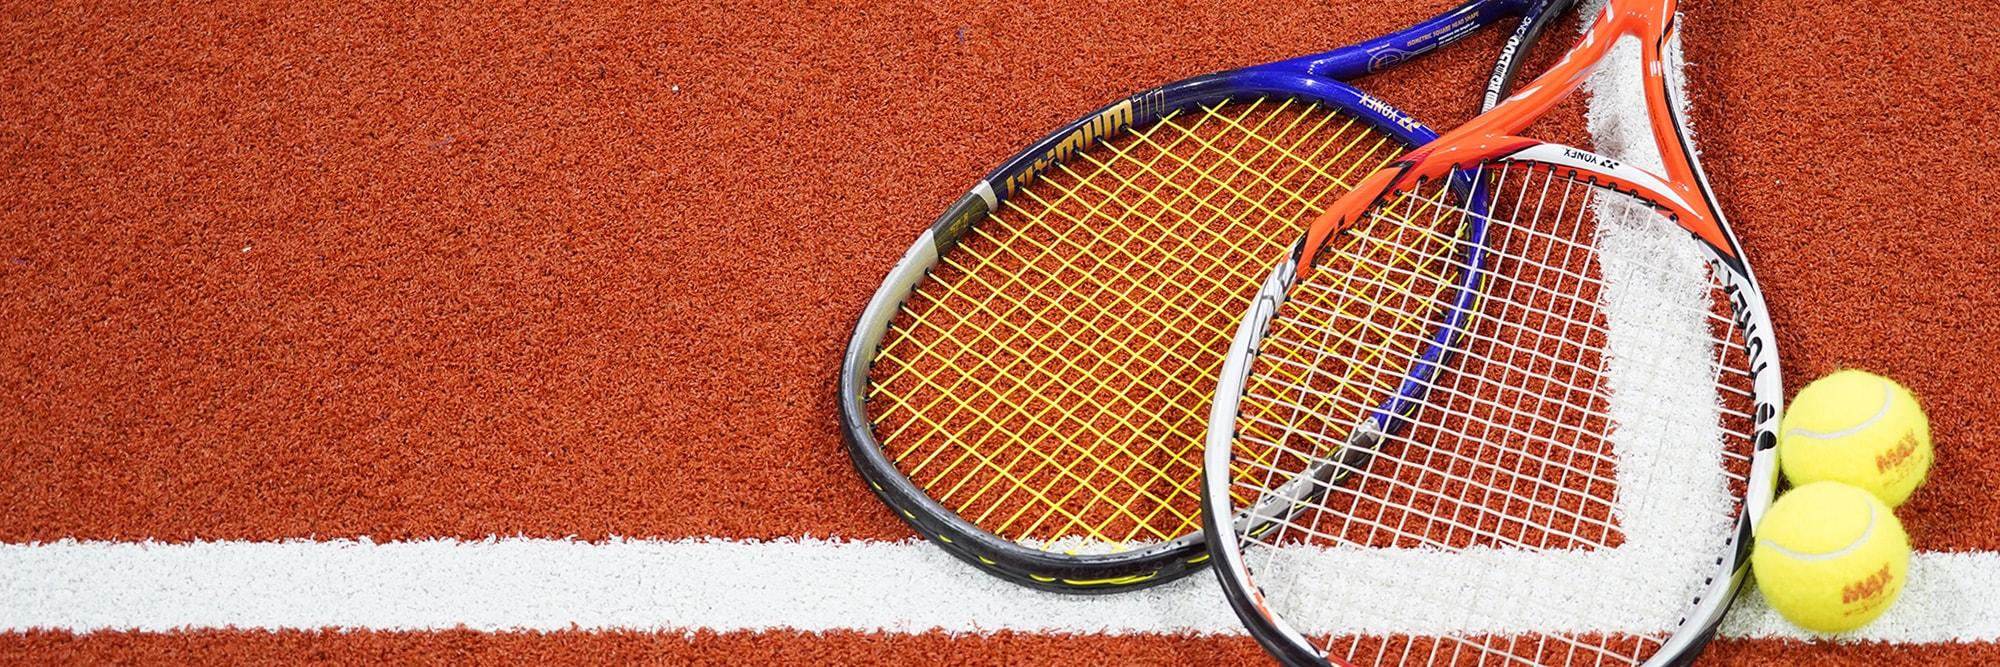 長野県 インドアテニススクール 暖かい